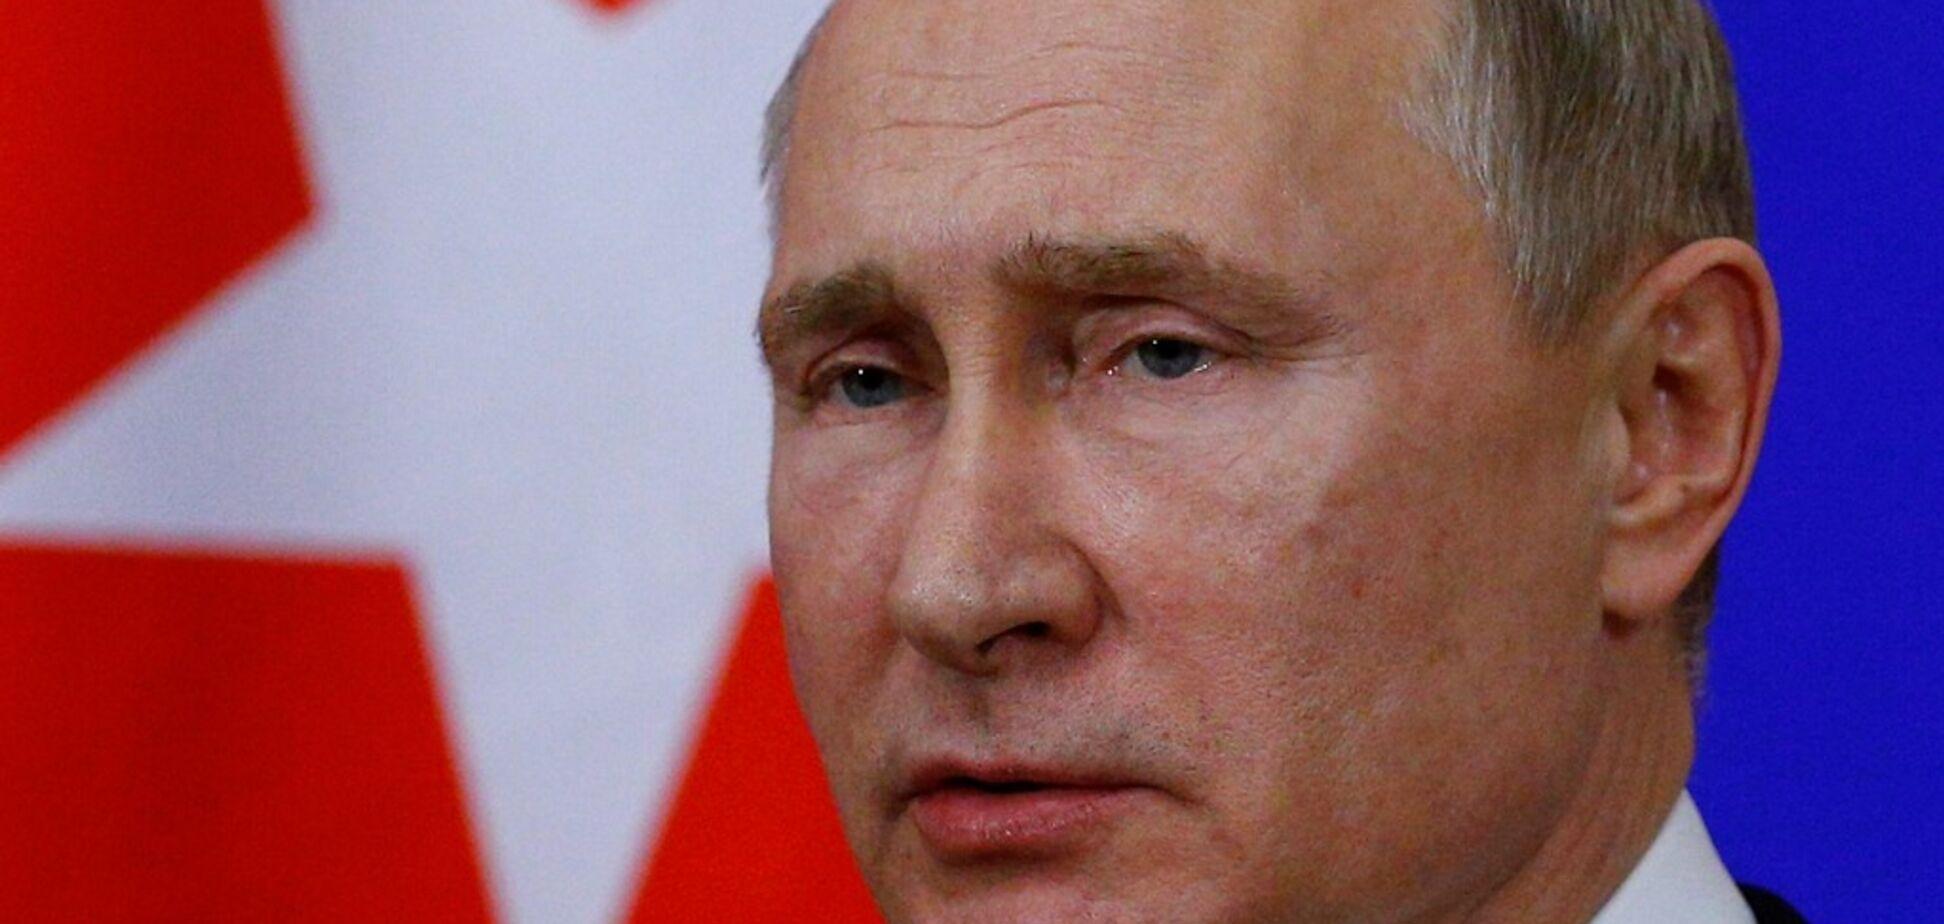 Путин нацелен восстановить СССР: военный эксперт оценил угрозу для Украины